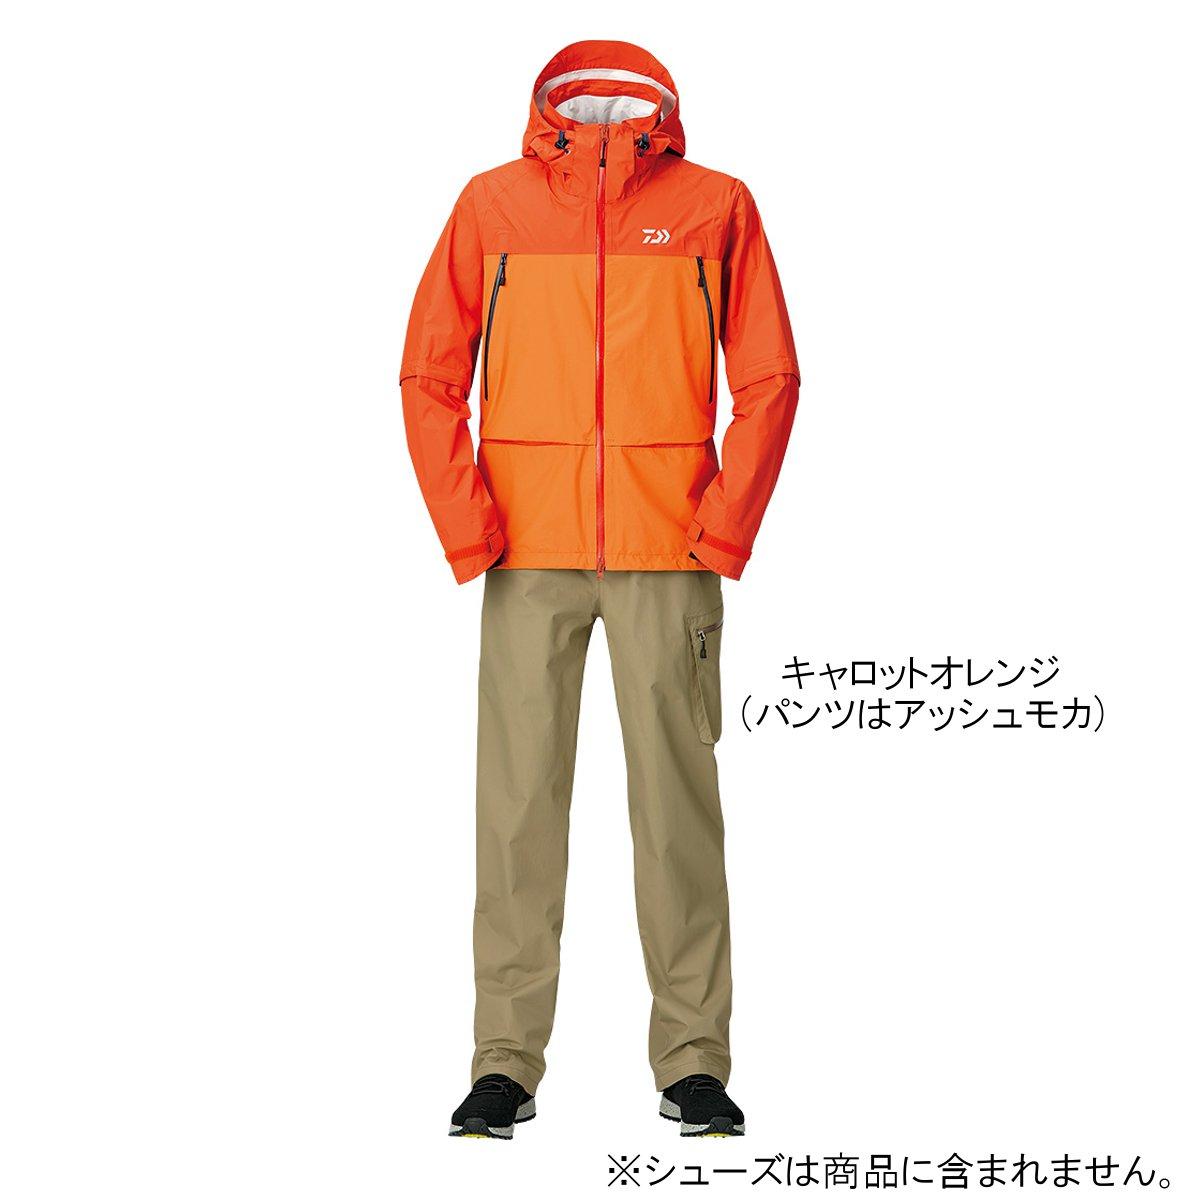 ダイワ レインマックス デタッチャブルレインスーツ DR-30009 WM キャロットオレンジ(東日本店)